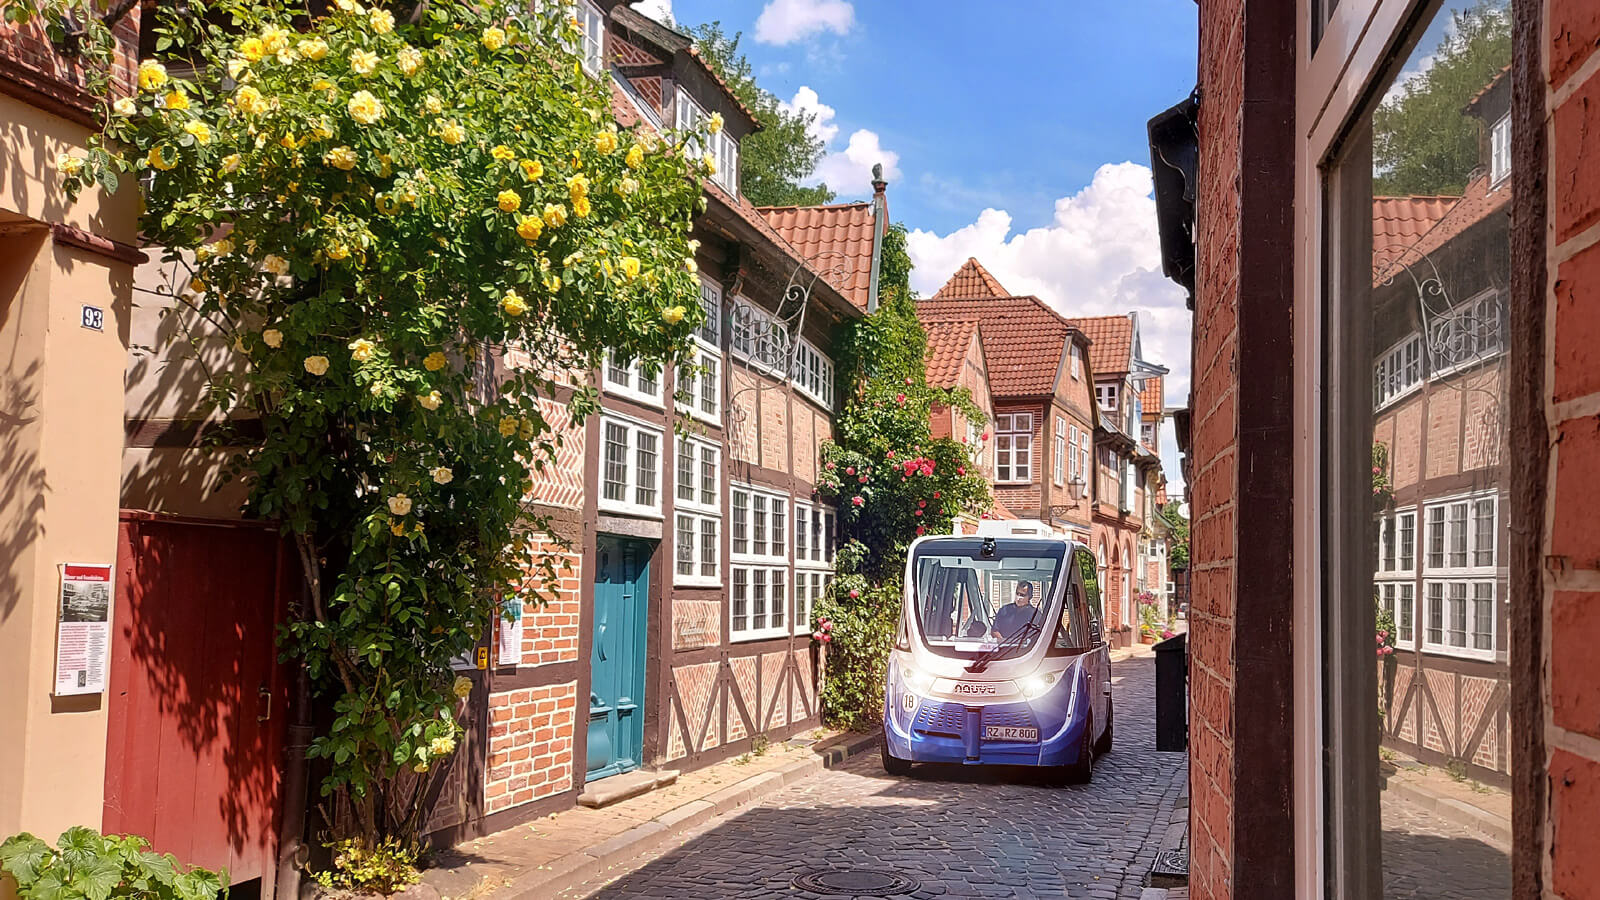 TaBuLa - Der fahrerlose Bus in der Altstadt von Lauenburg